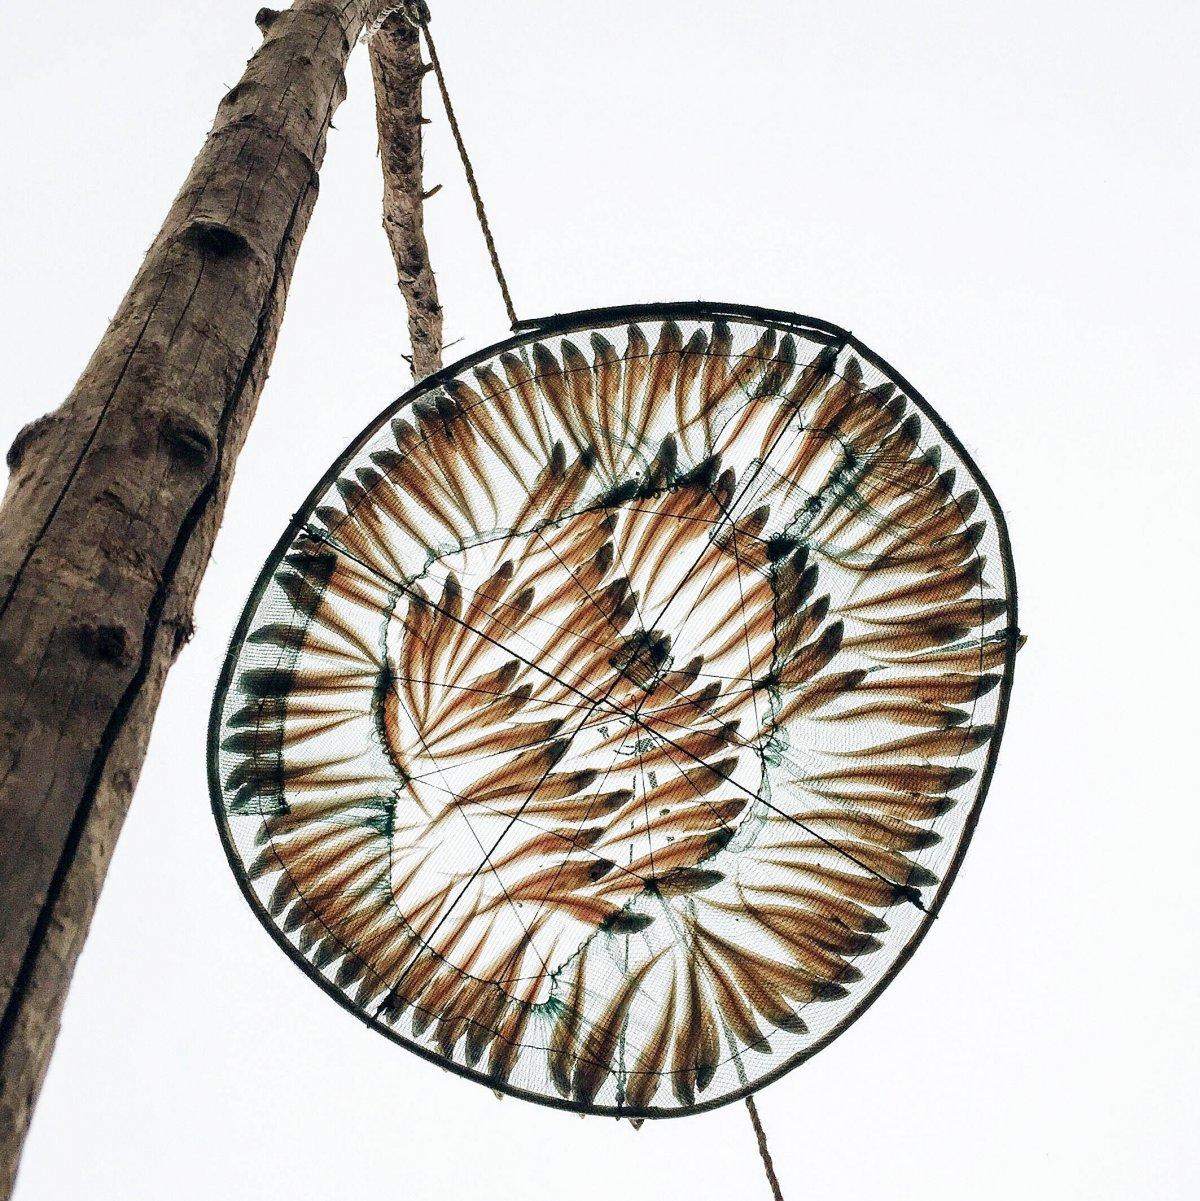 taken by Xu Lin is of drying fish